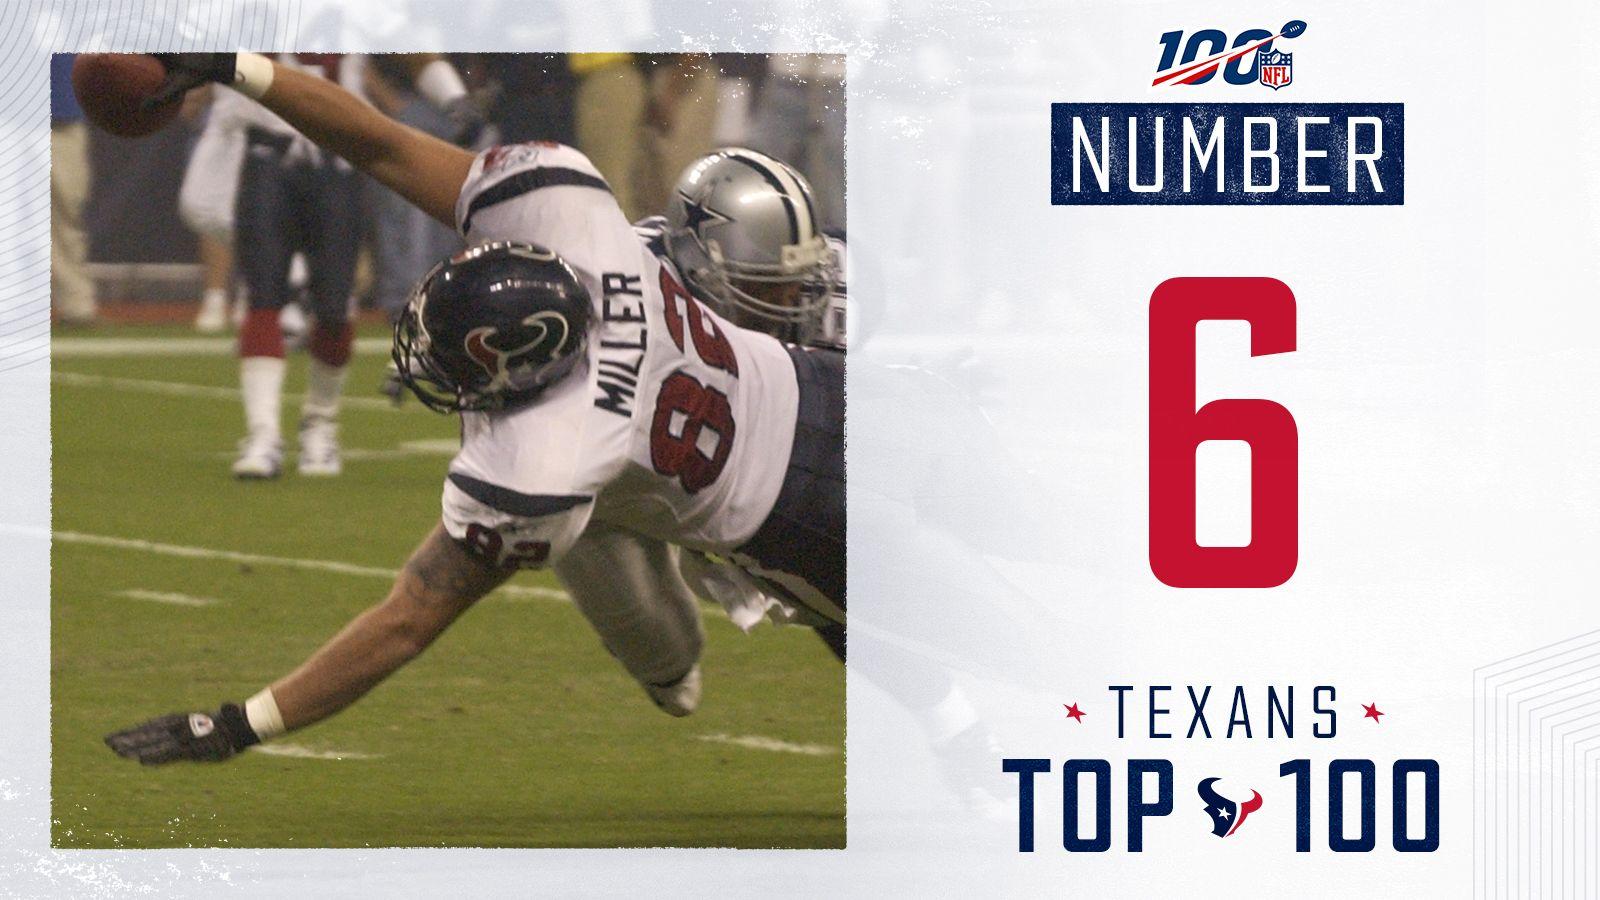 6_Texans first TD - TWITTER